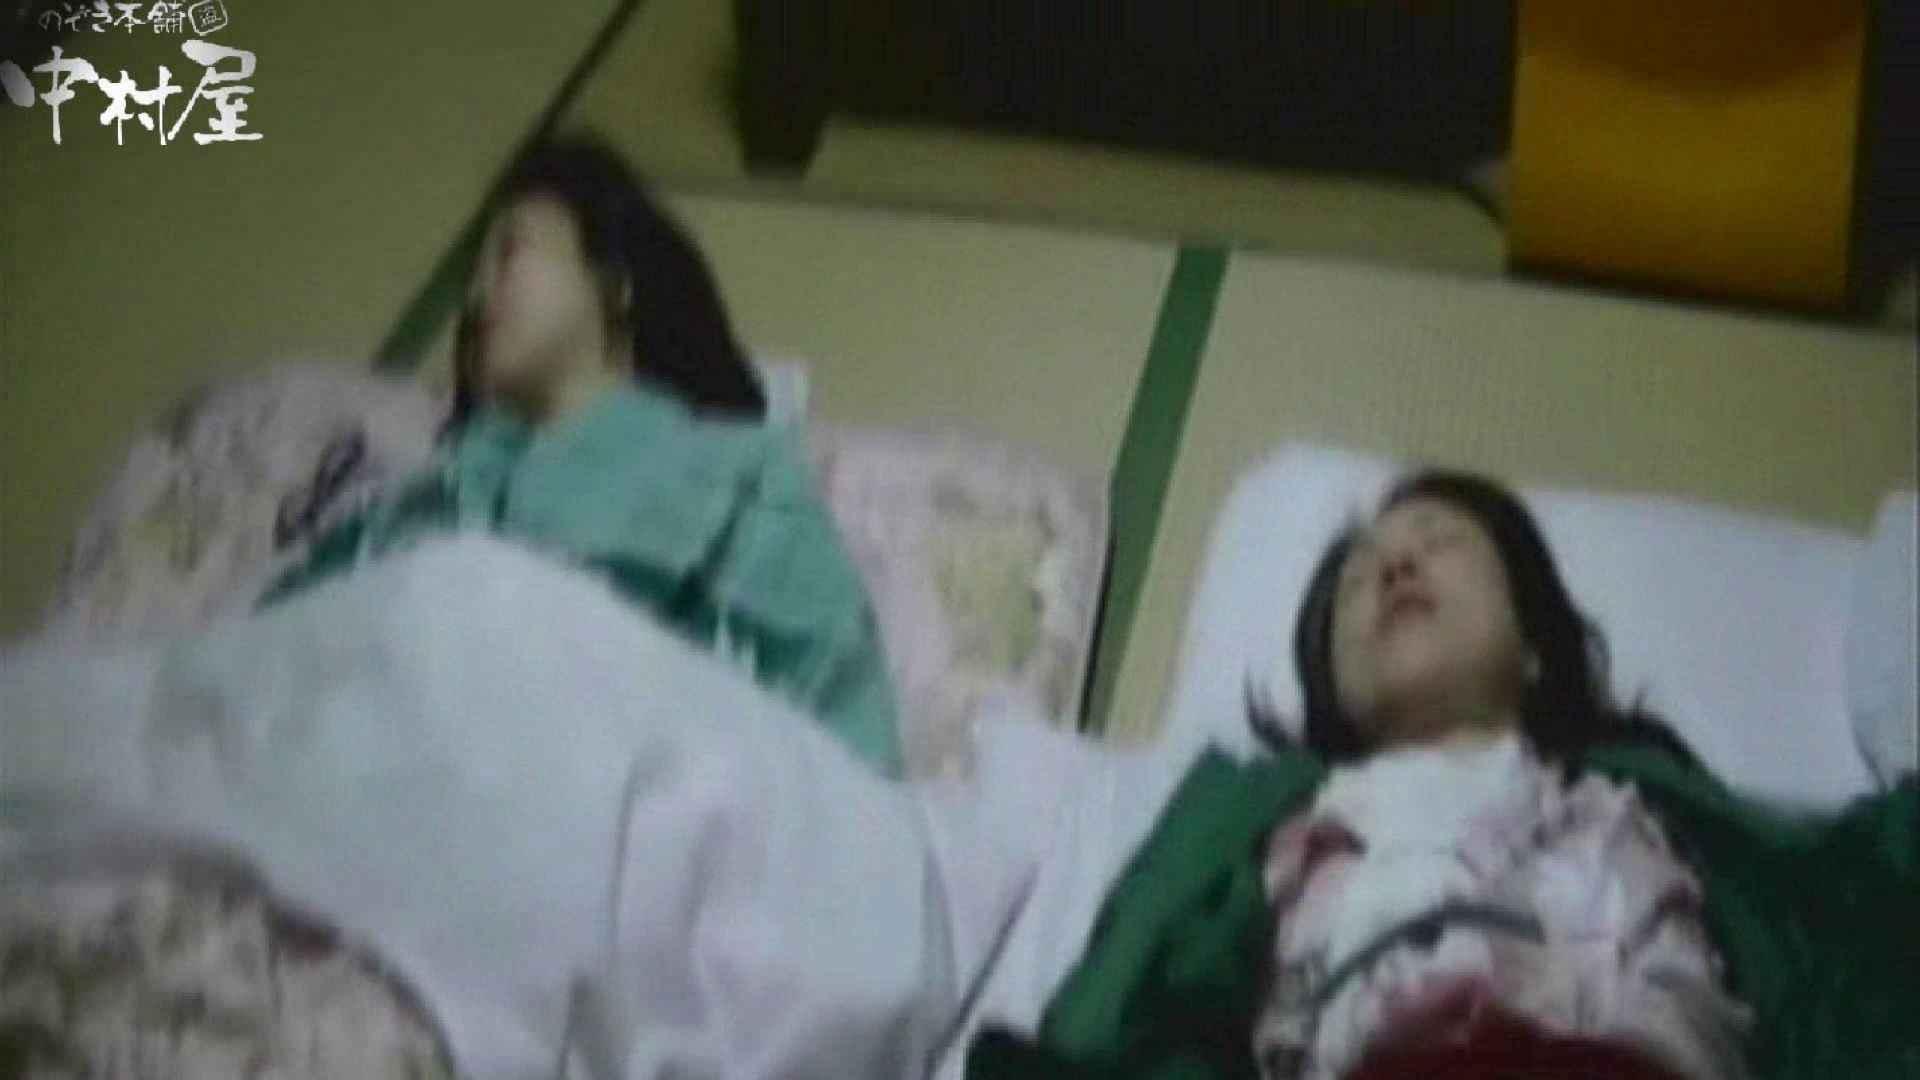 ネムリ姫 vol.06 お姉さんの下半身 ヌード画像 101PIX 75